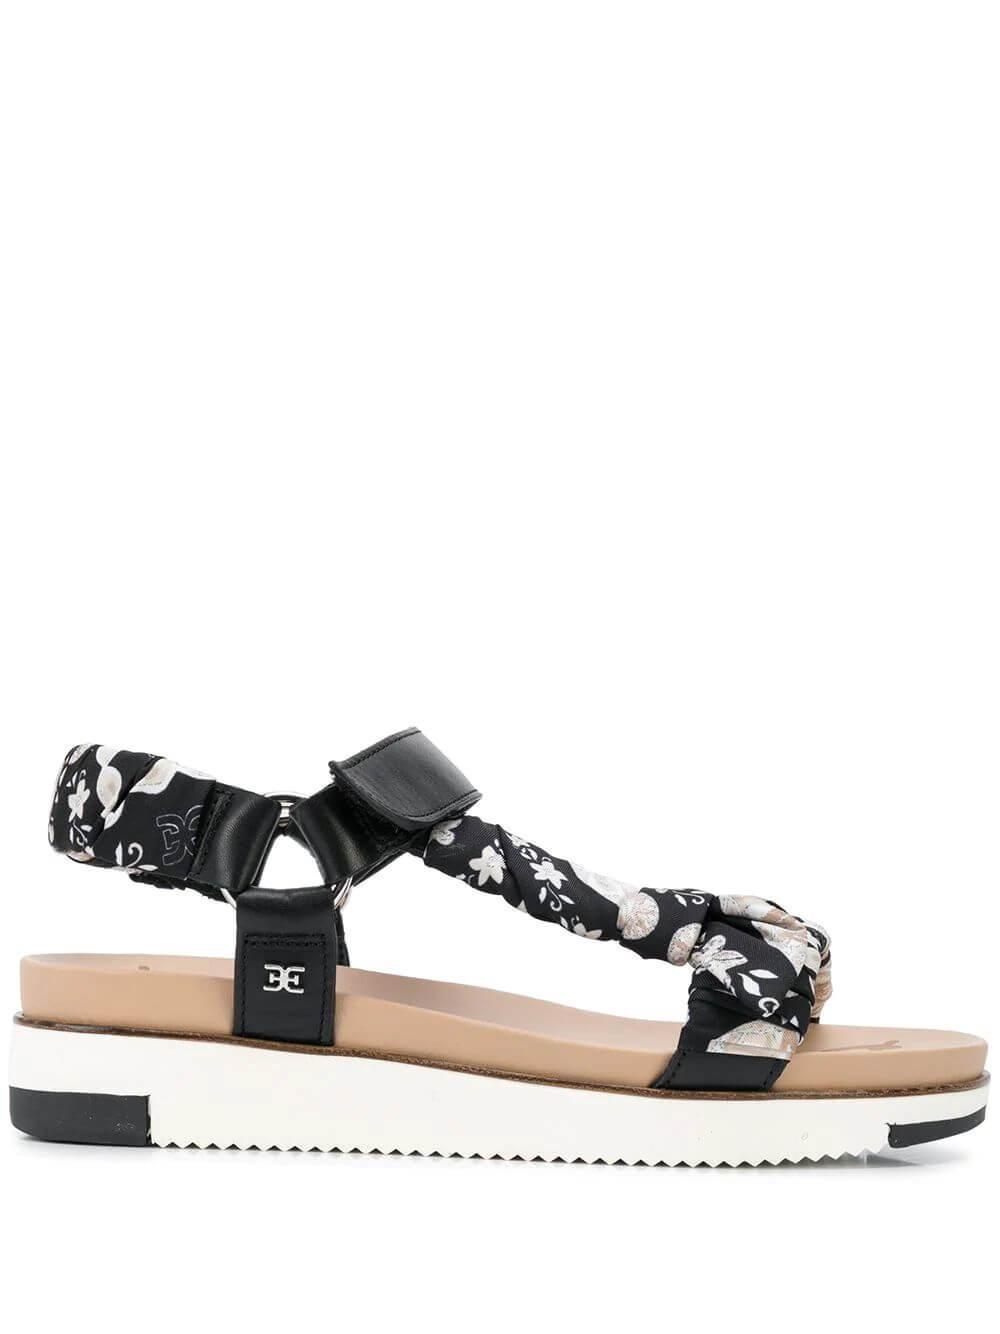 Ashie Platform Sandal